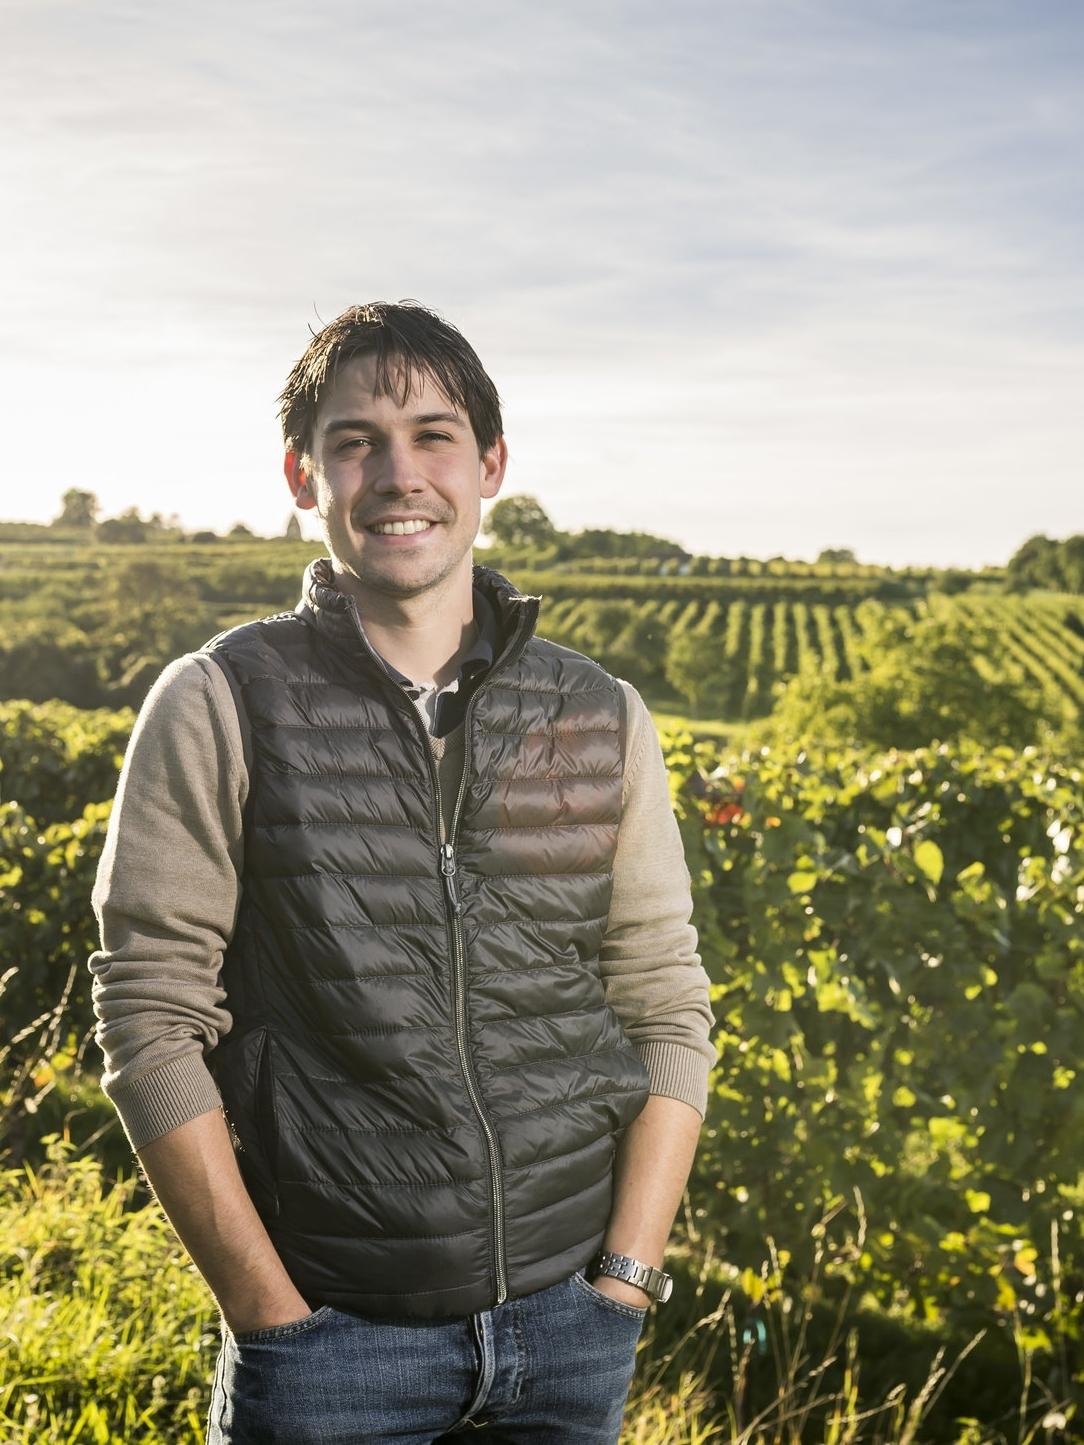 Peter - Durch seine Praktika in Chile und in unterschiedlichen Weingütern in Österreich bringt er frische Gedanken in unseren Betrieb. Neben seinem Beruf als Kellermeister unterstützt er den Familienbetrieb im Keller und im Büro.